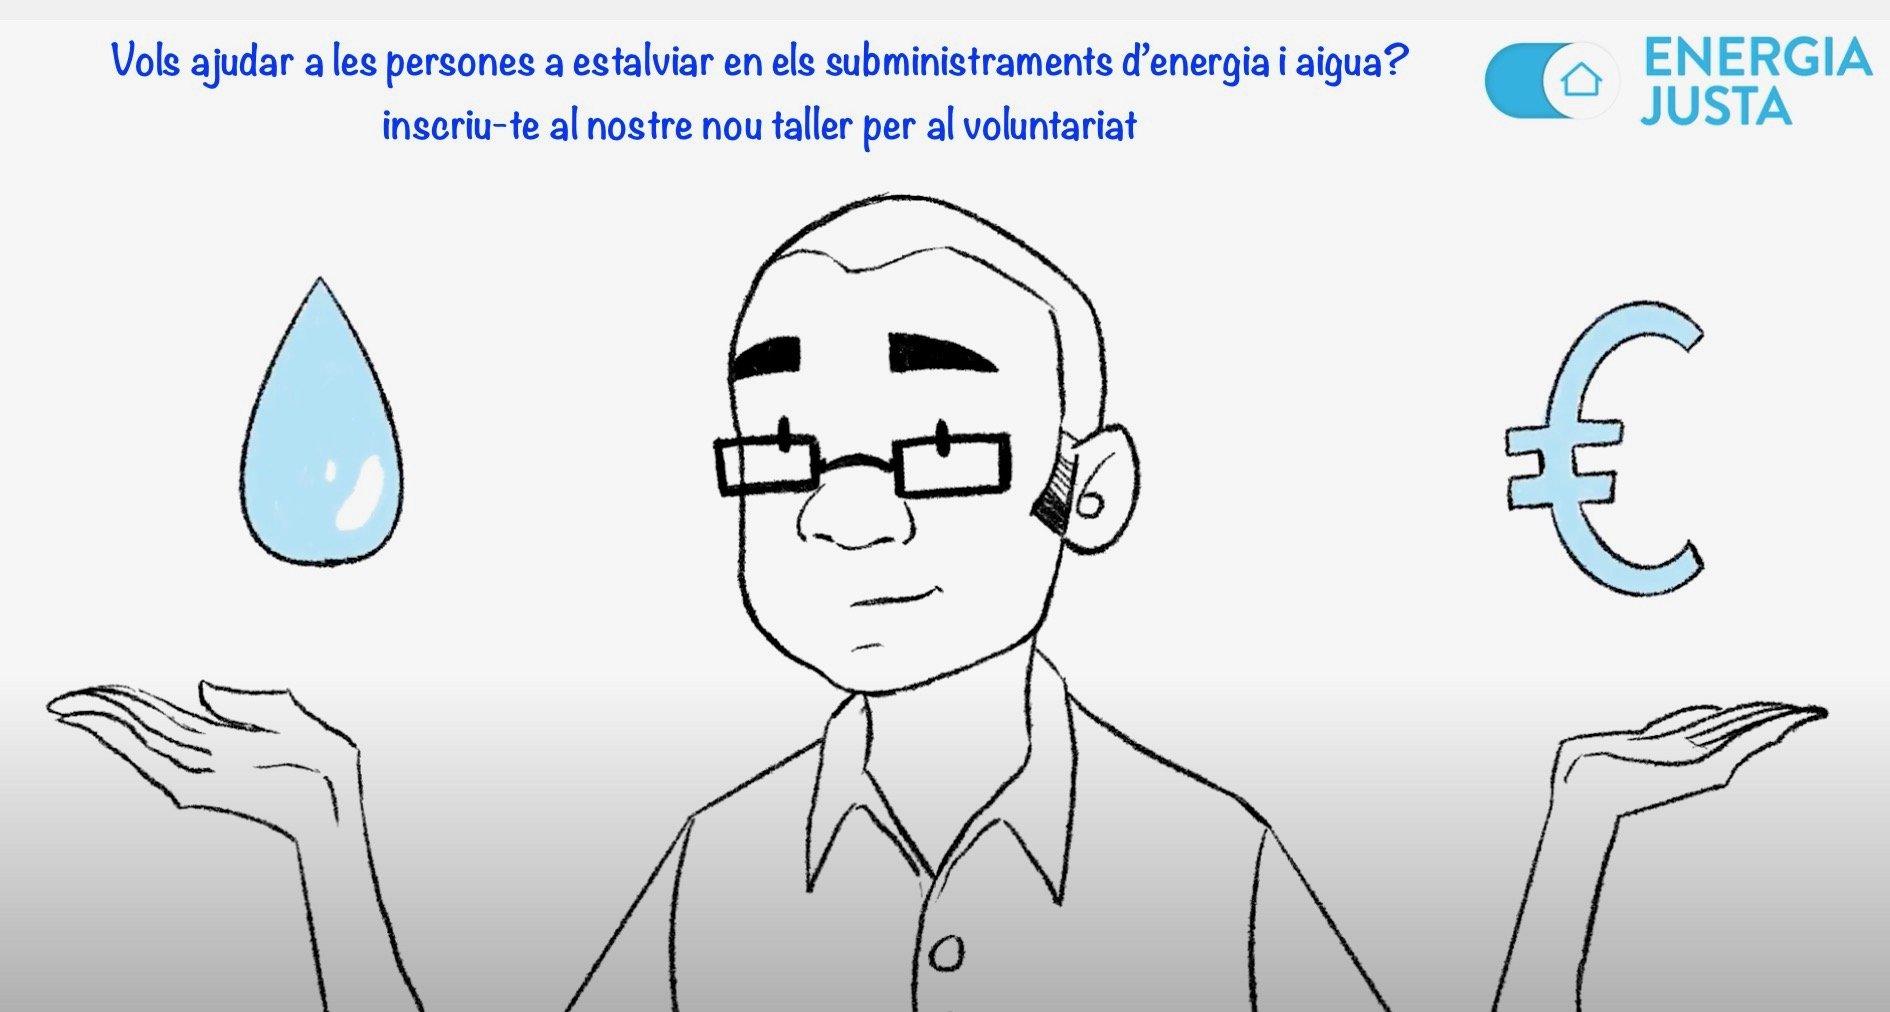 Formació Online al Voluntariat d'Energia Justa – 2, 3, 9 i 10 de Desembre